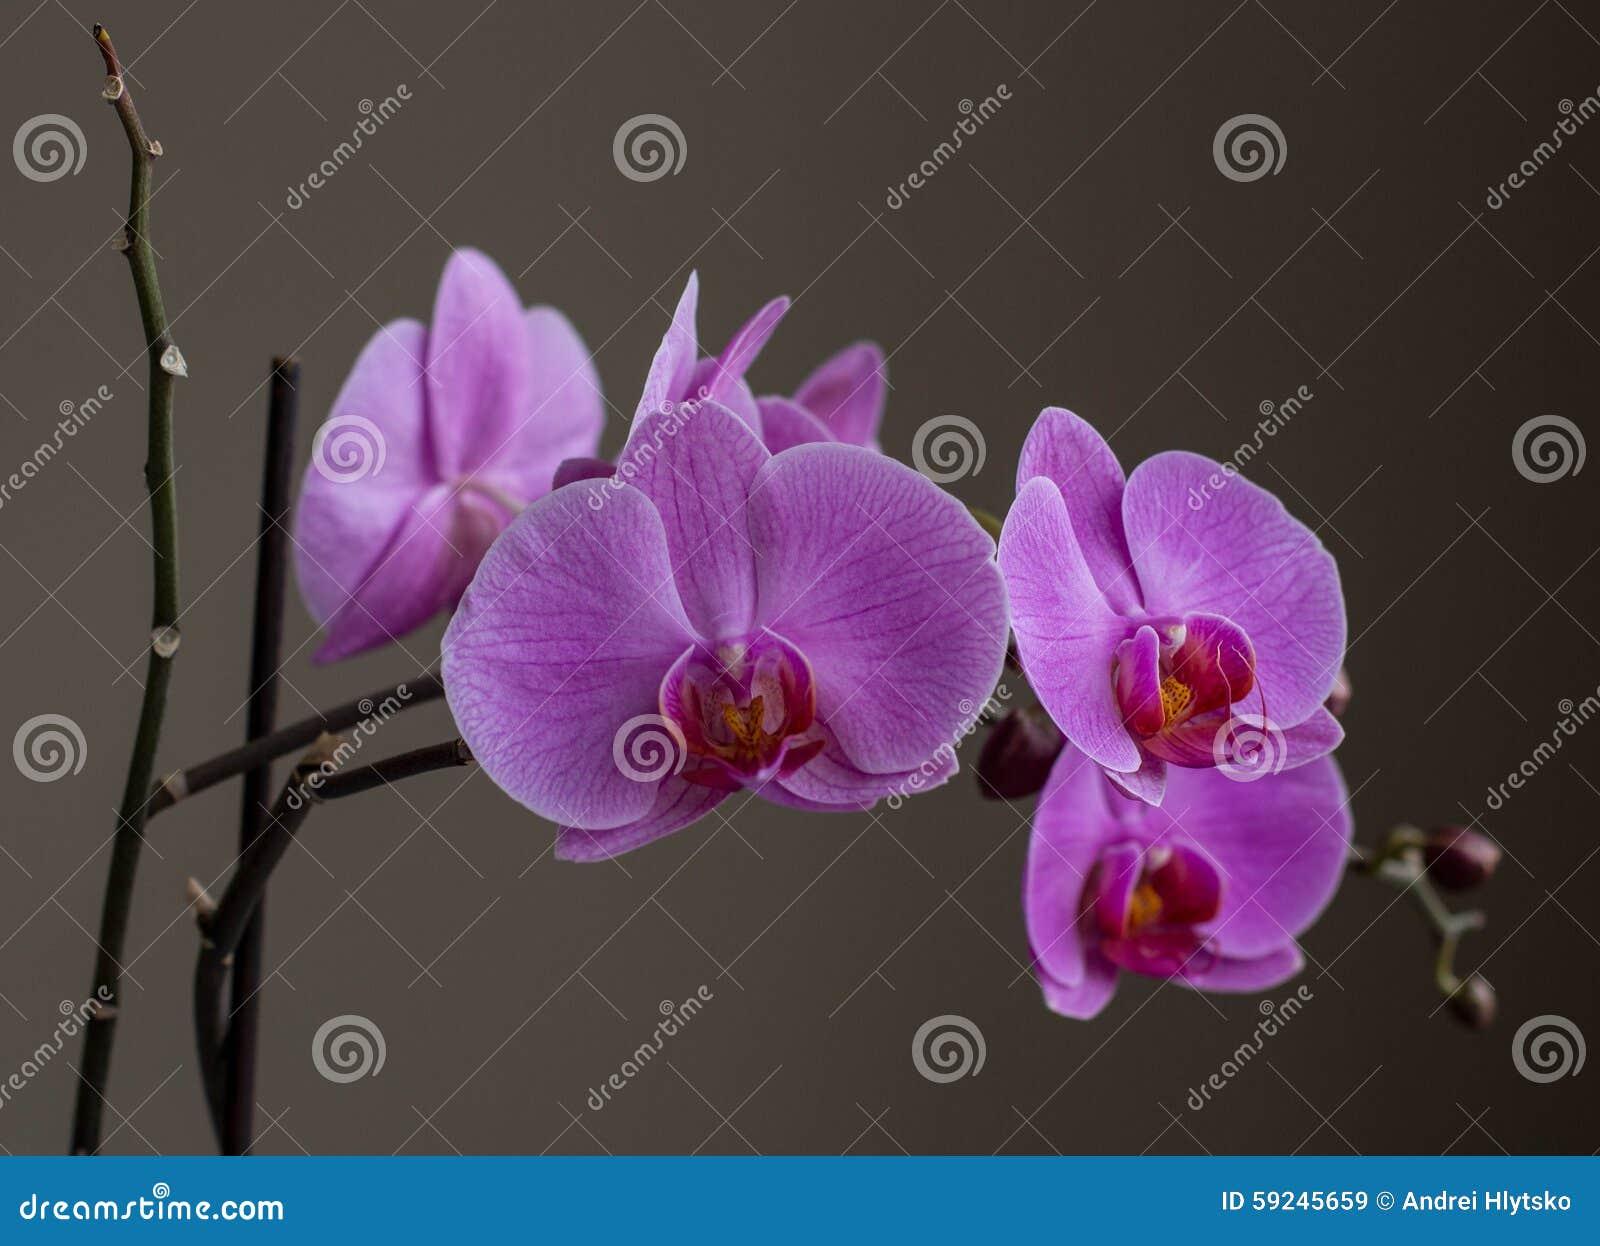 Download Orquídea imagen de archivo. Imagen de flor, extracto - 59245659